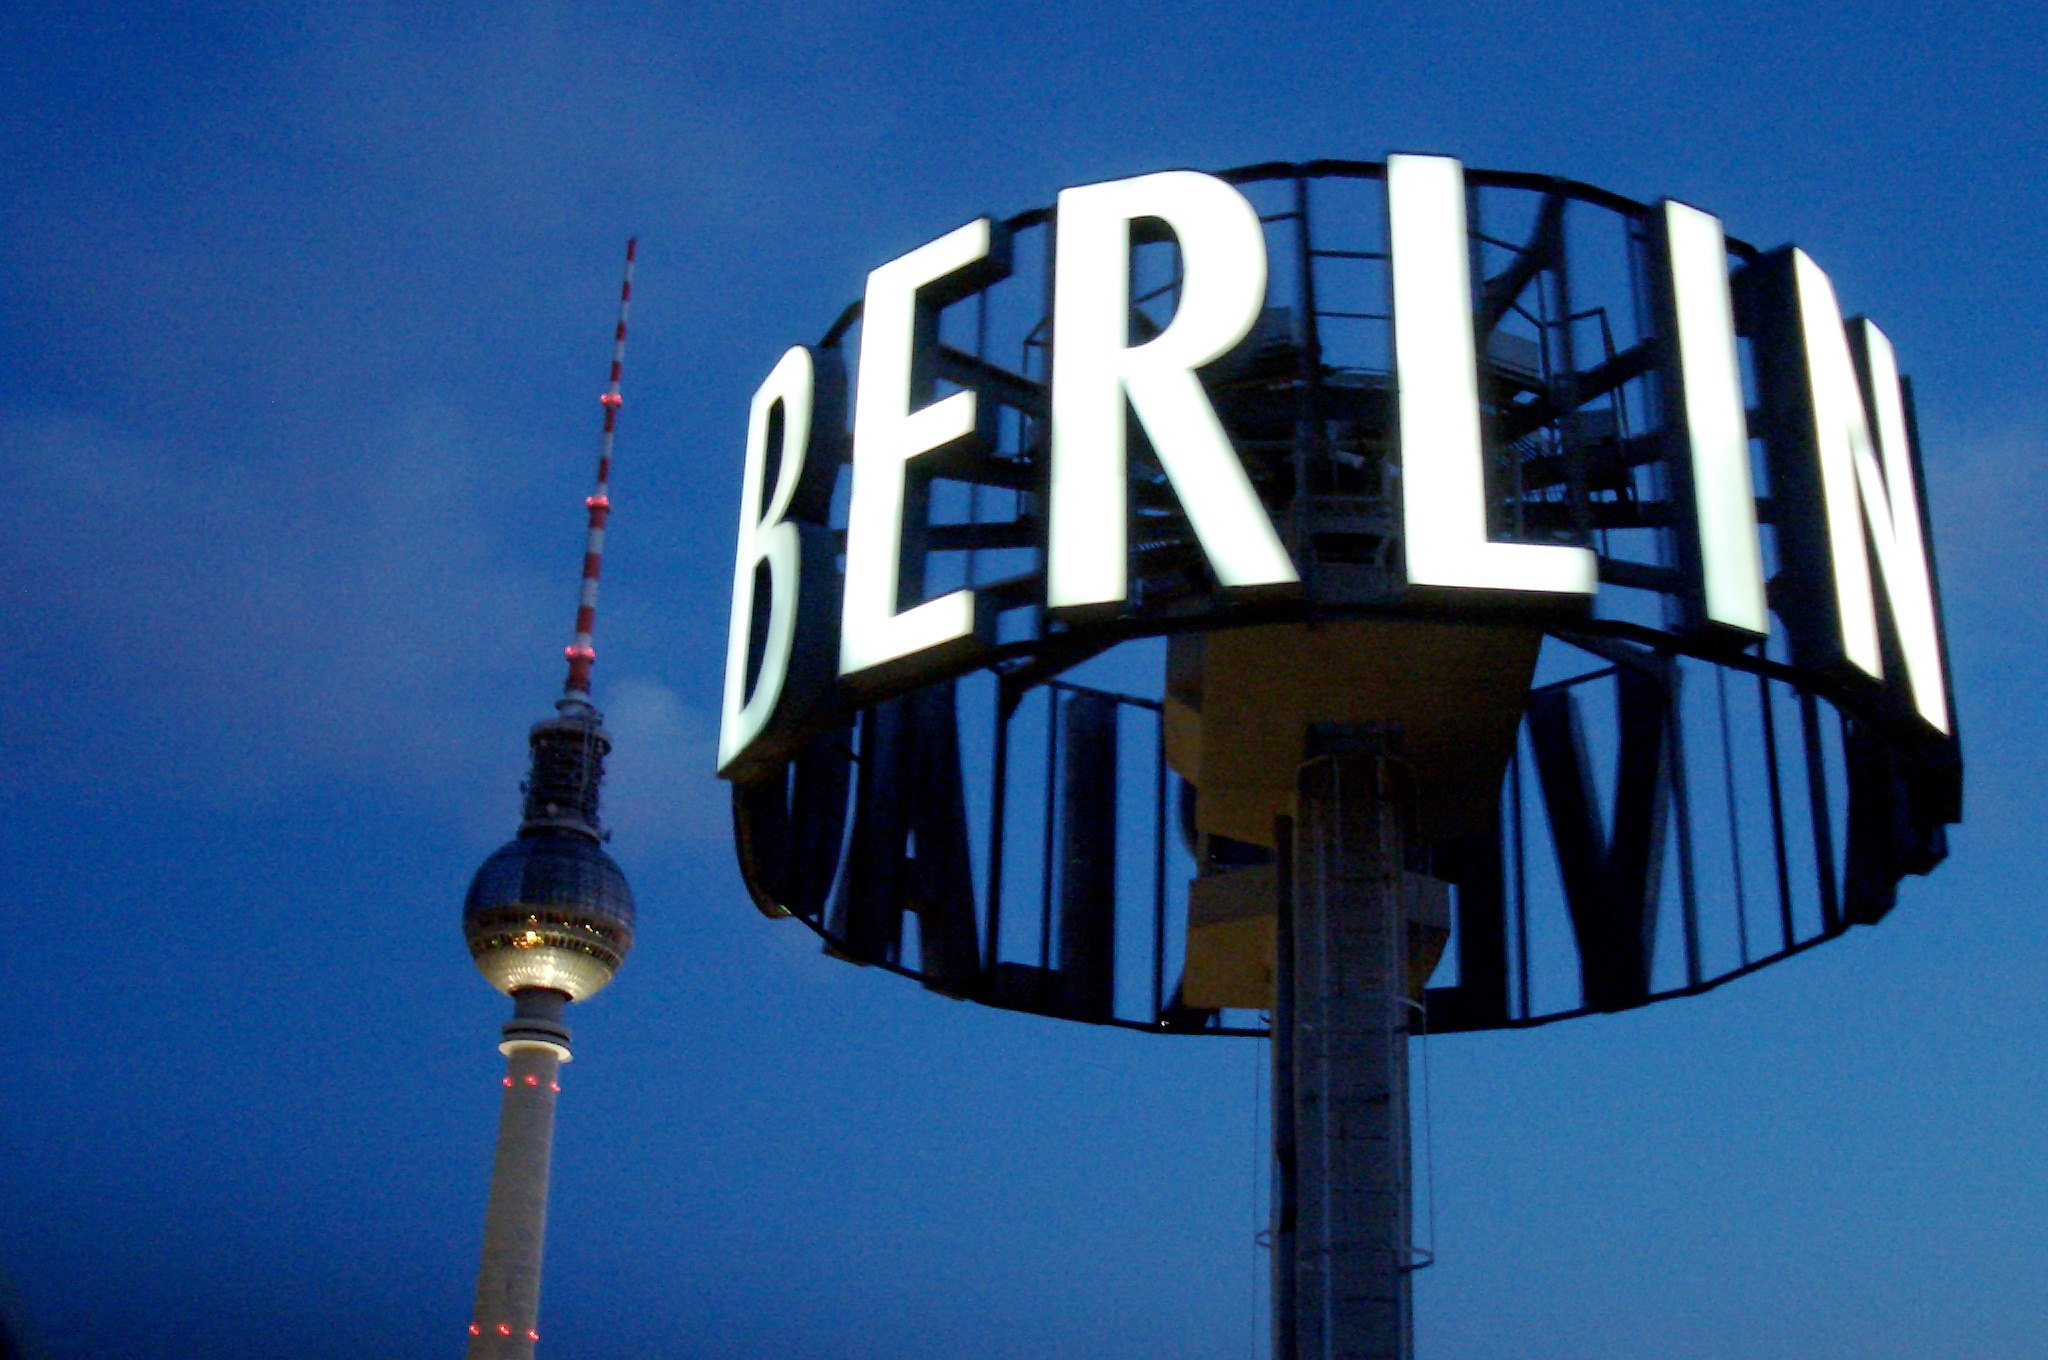 El aeropuerto de Berlín necesita mil millones más para abrir en 2020